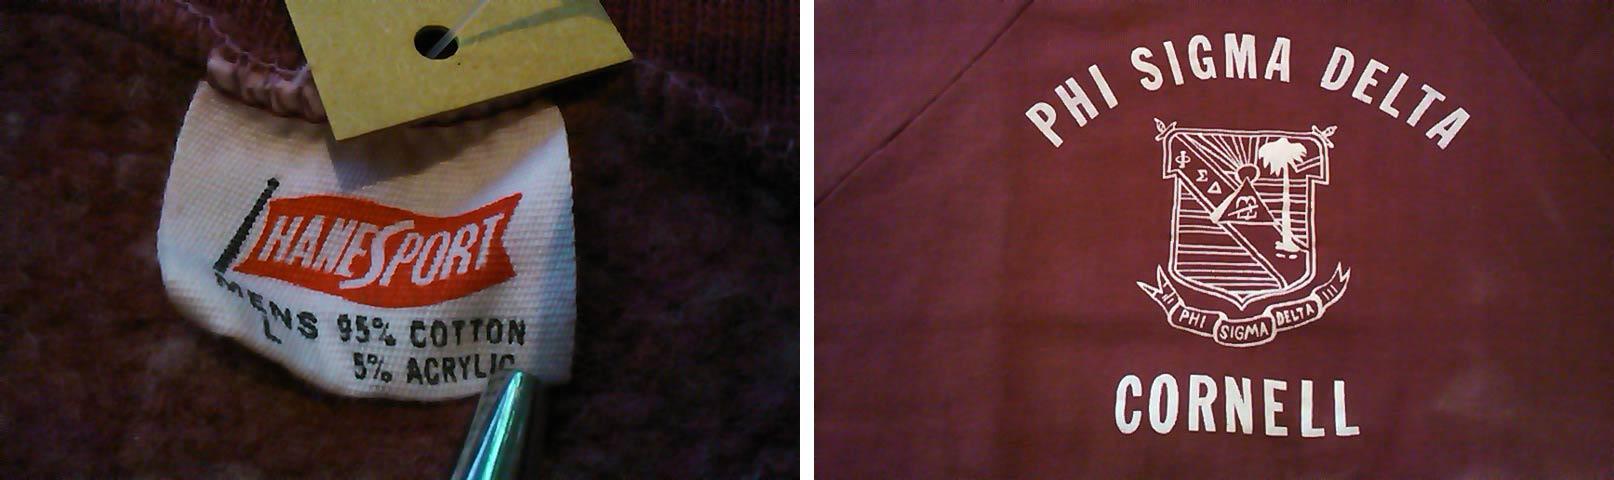 8/24(火)大阪アメリカ村店入荷情報!第2弾 スーペリアアイテム編。_c0078587_21374942.jpg